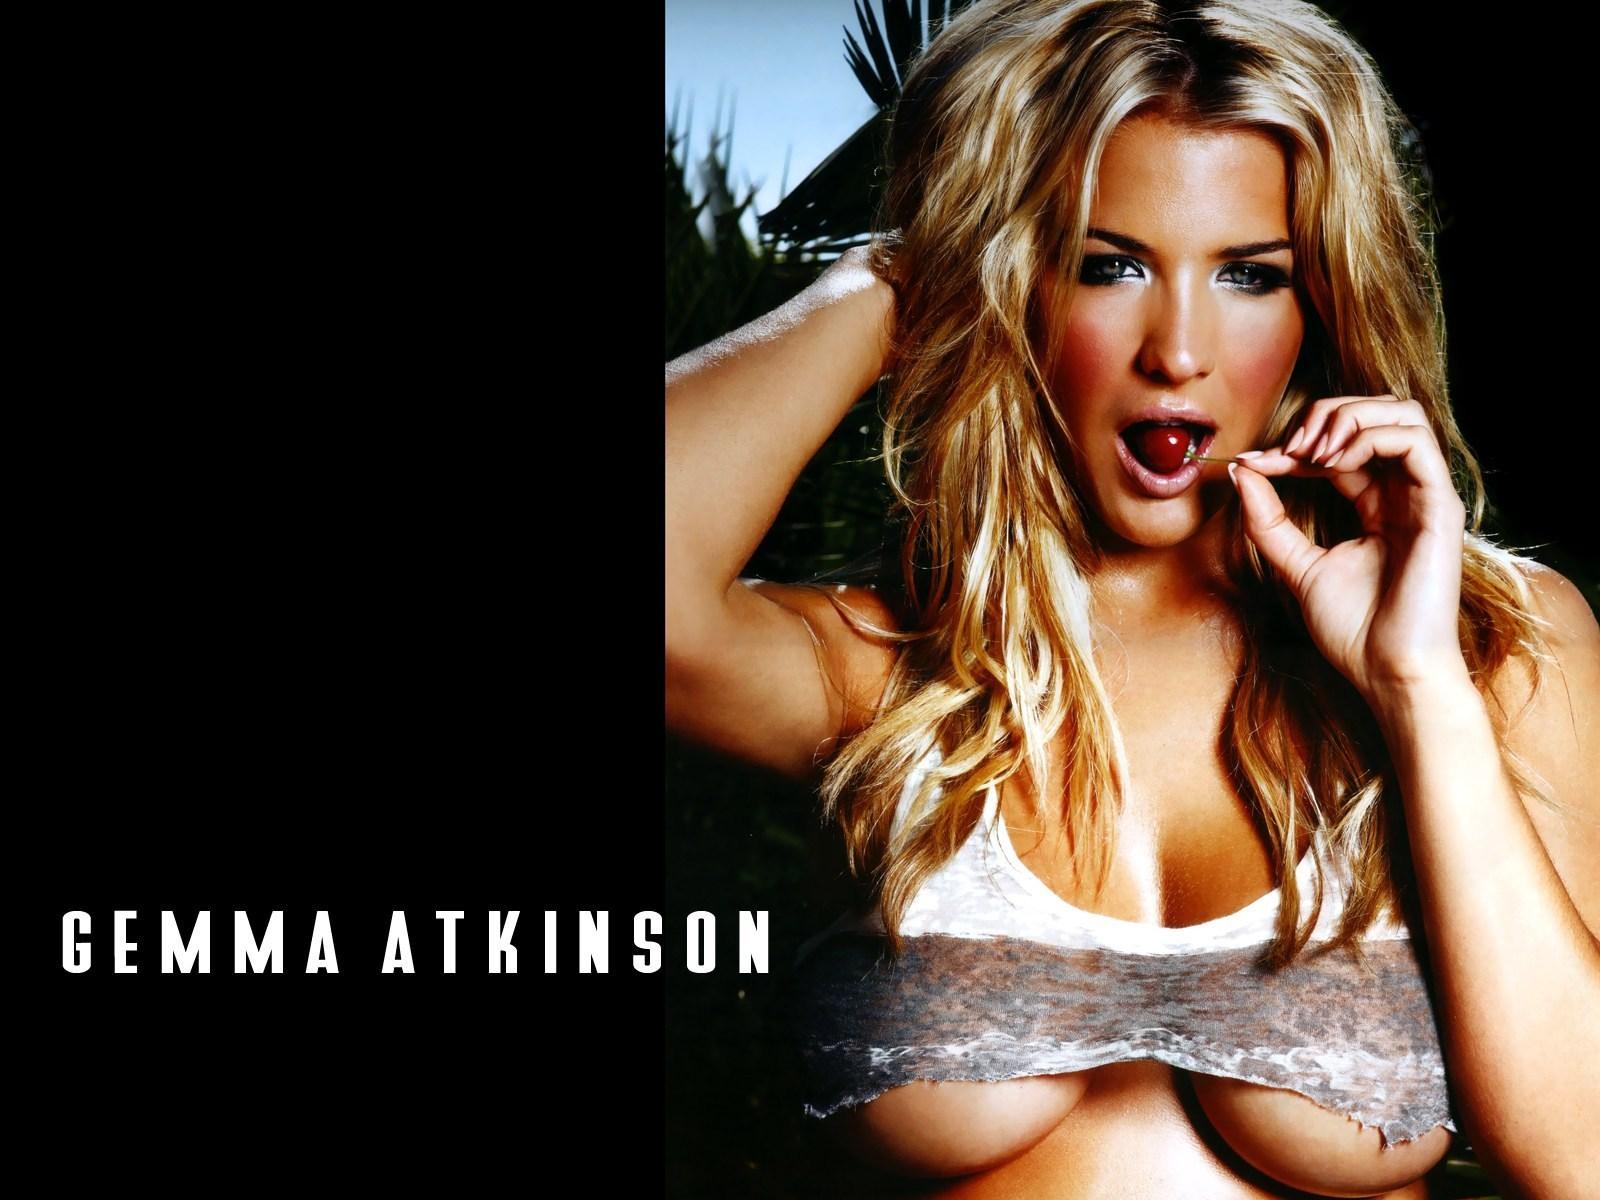 gemma atkinson hot bikini